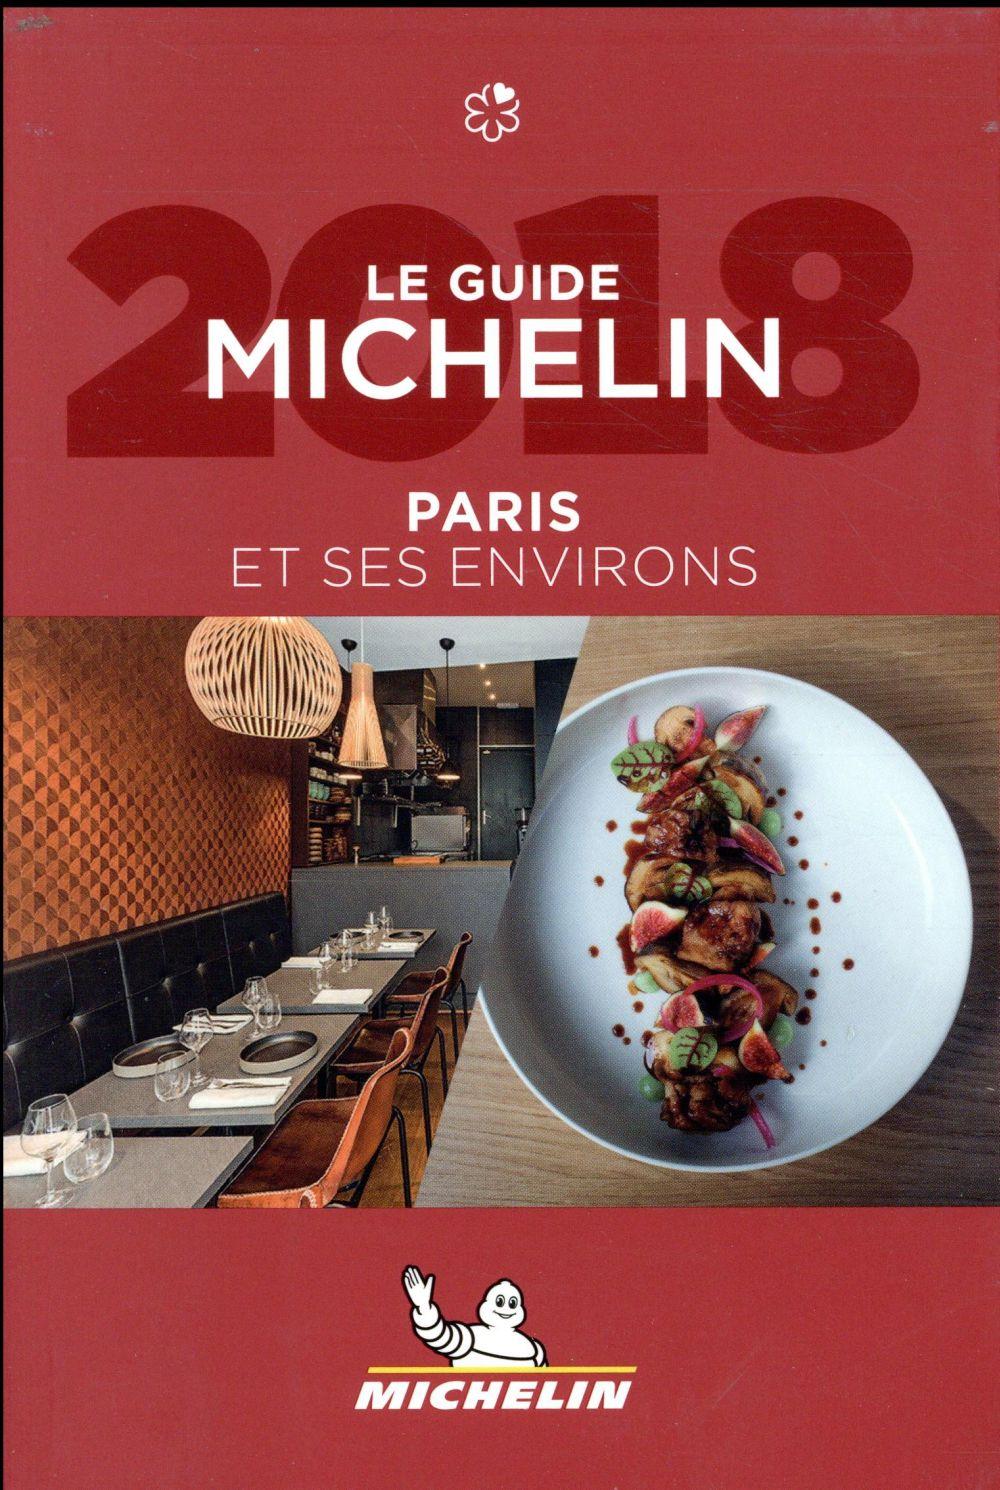 Paris et ses environs - le guide michelin 2018